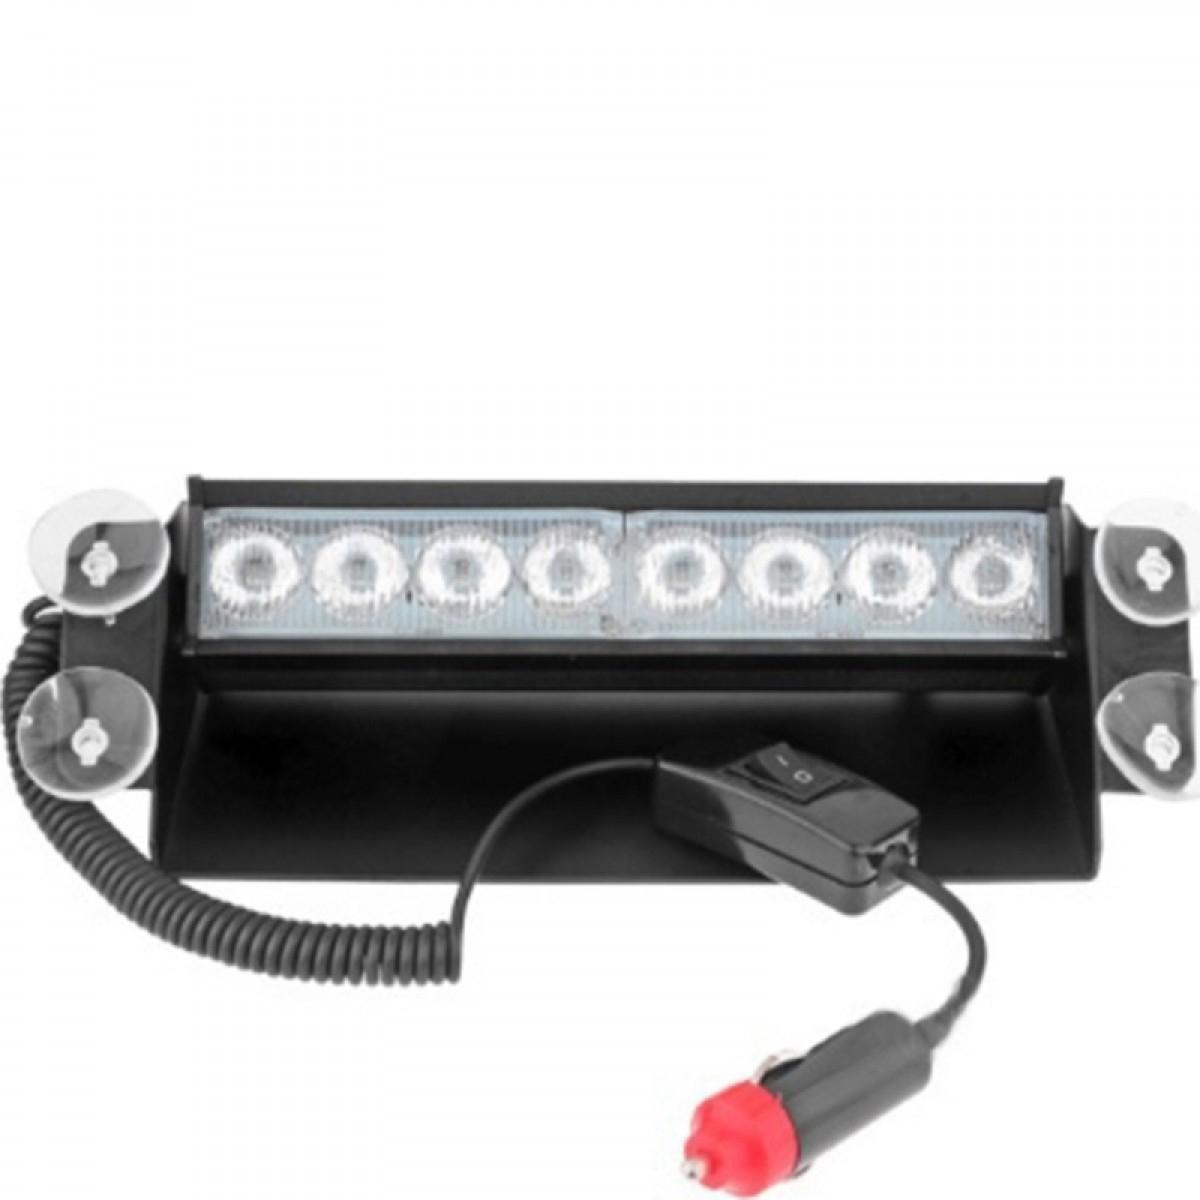 Φακός με 8 LED 8W Αυτοκινήτου με Βεντούζες για τοποθέτηση στο τζάμι και 3 διαφορετικές λειτουργίες φλας σε κόκκινο μπλέ χρώμα